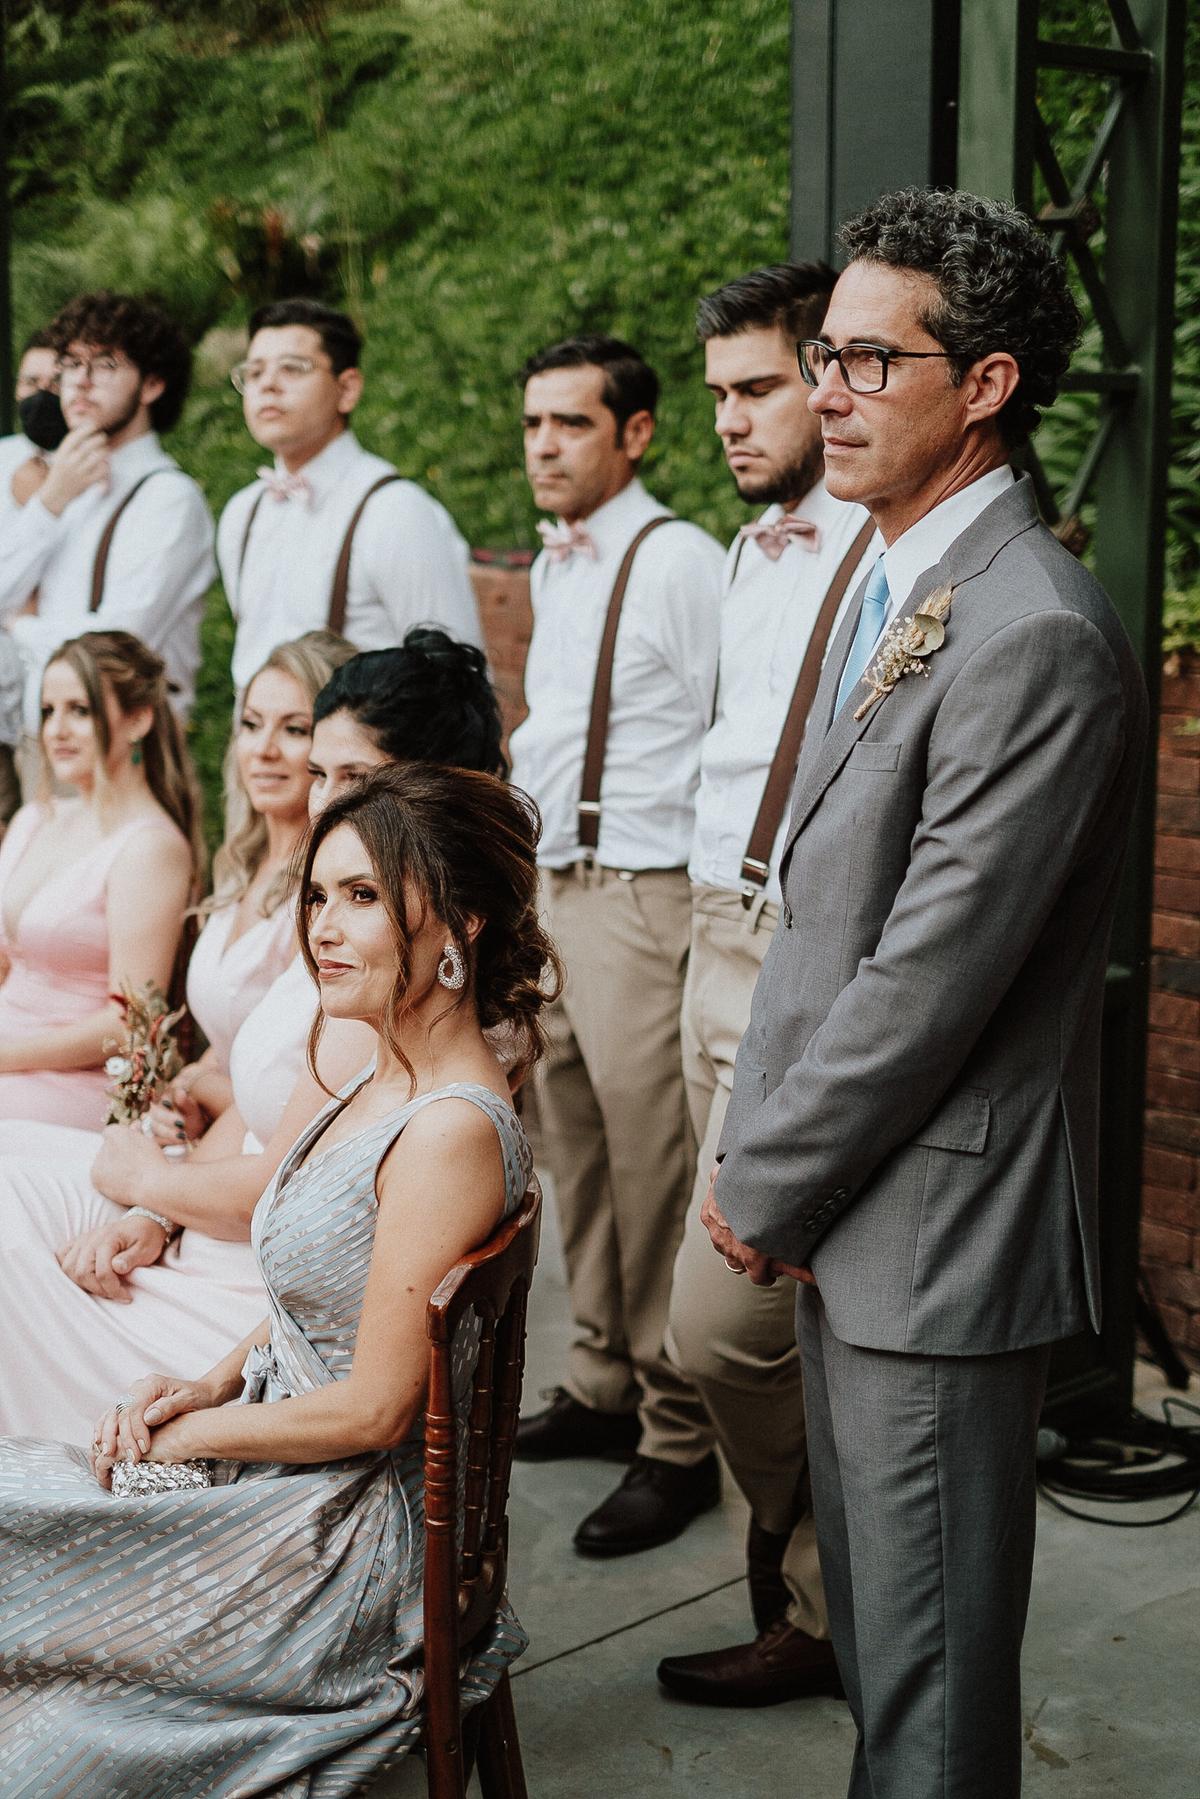 casamento de dia fotos por caio henrique cerimonia no campo sitio sao jorge noivos sorrindo na cerimonia  pais da noiva